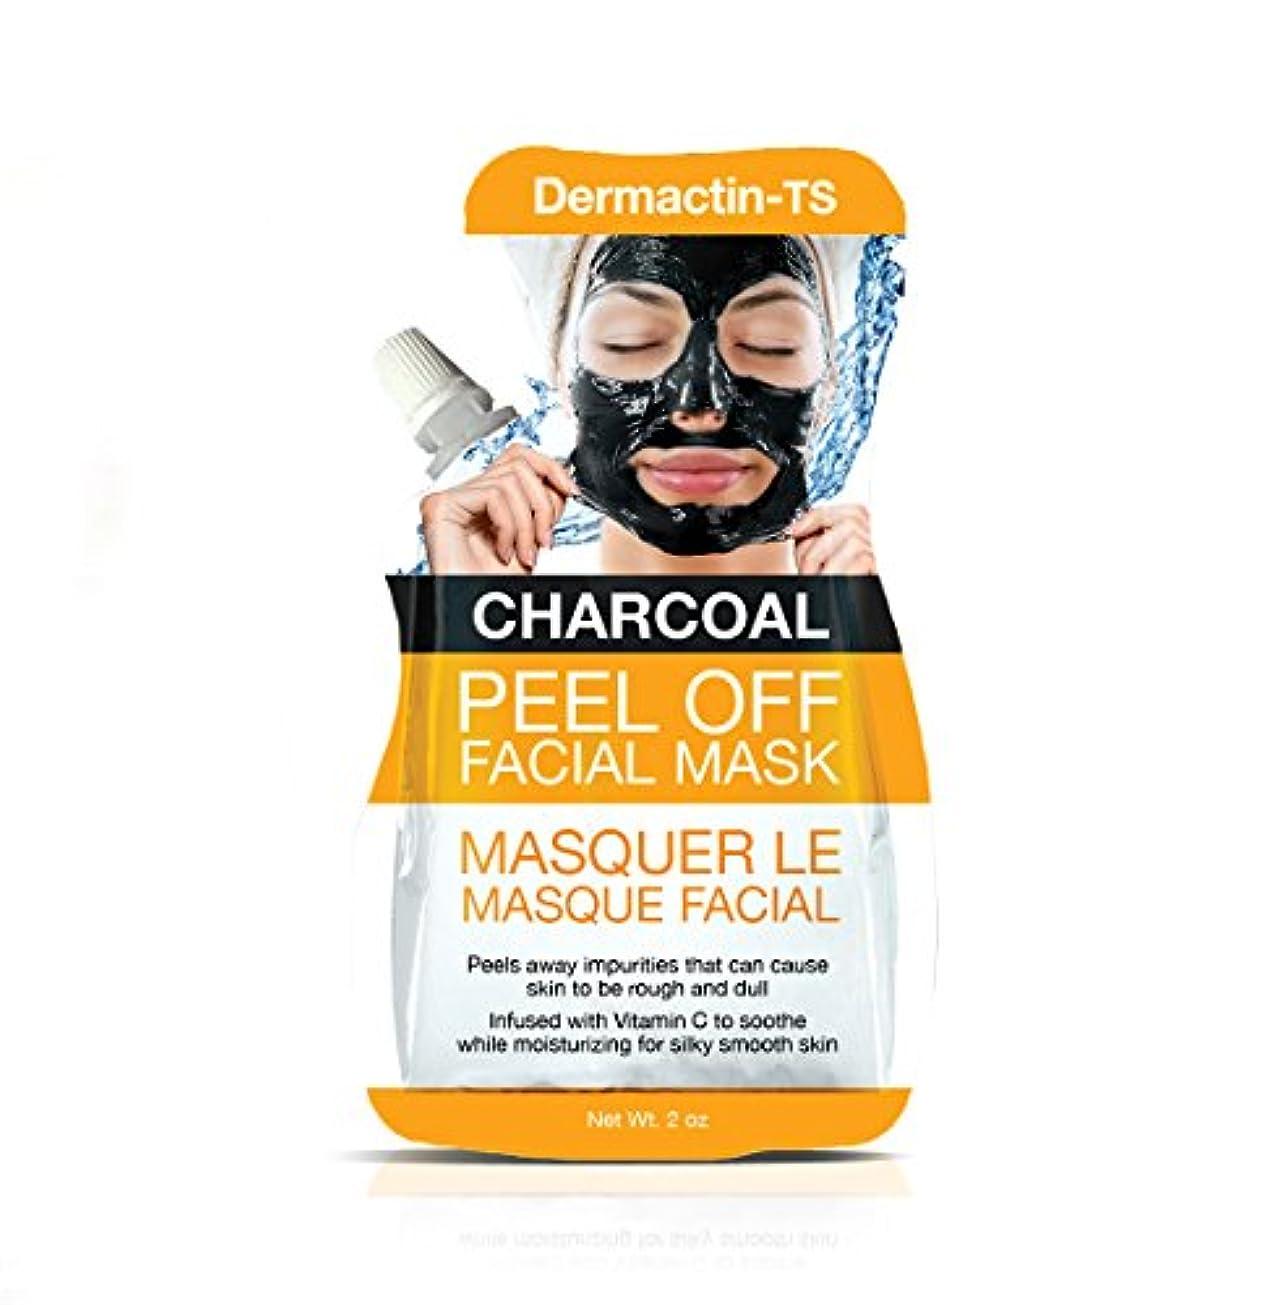 性的ファンド熱意Dermactin-TS フェイシャルマスクチャコール50g(4パック) (並行輸入品)